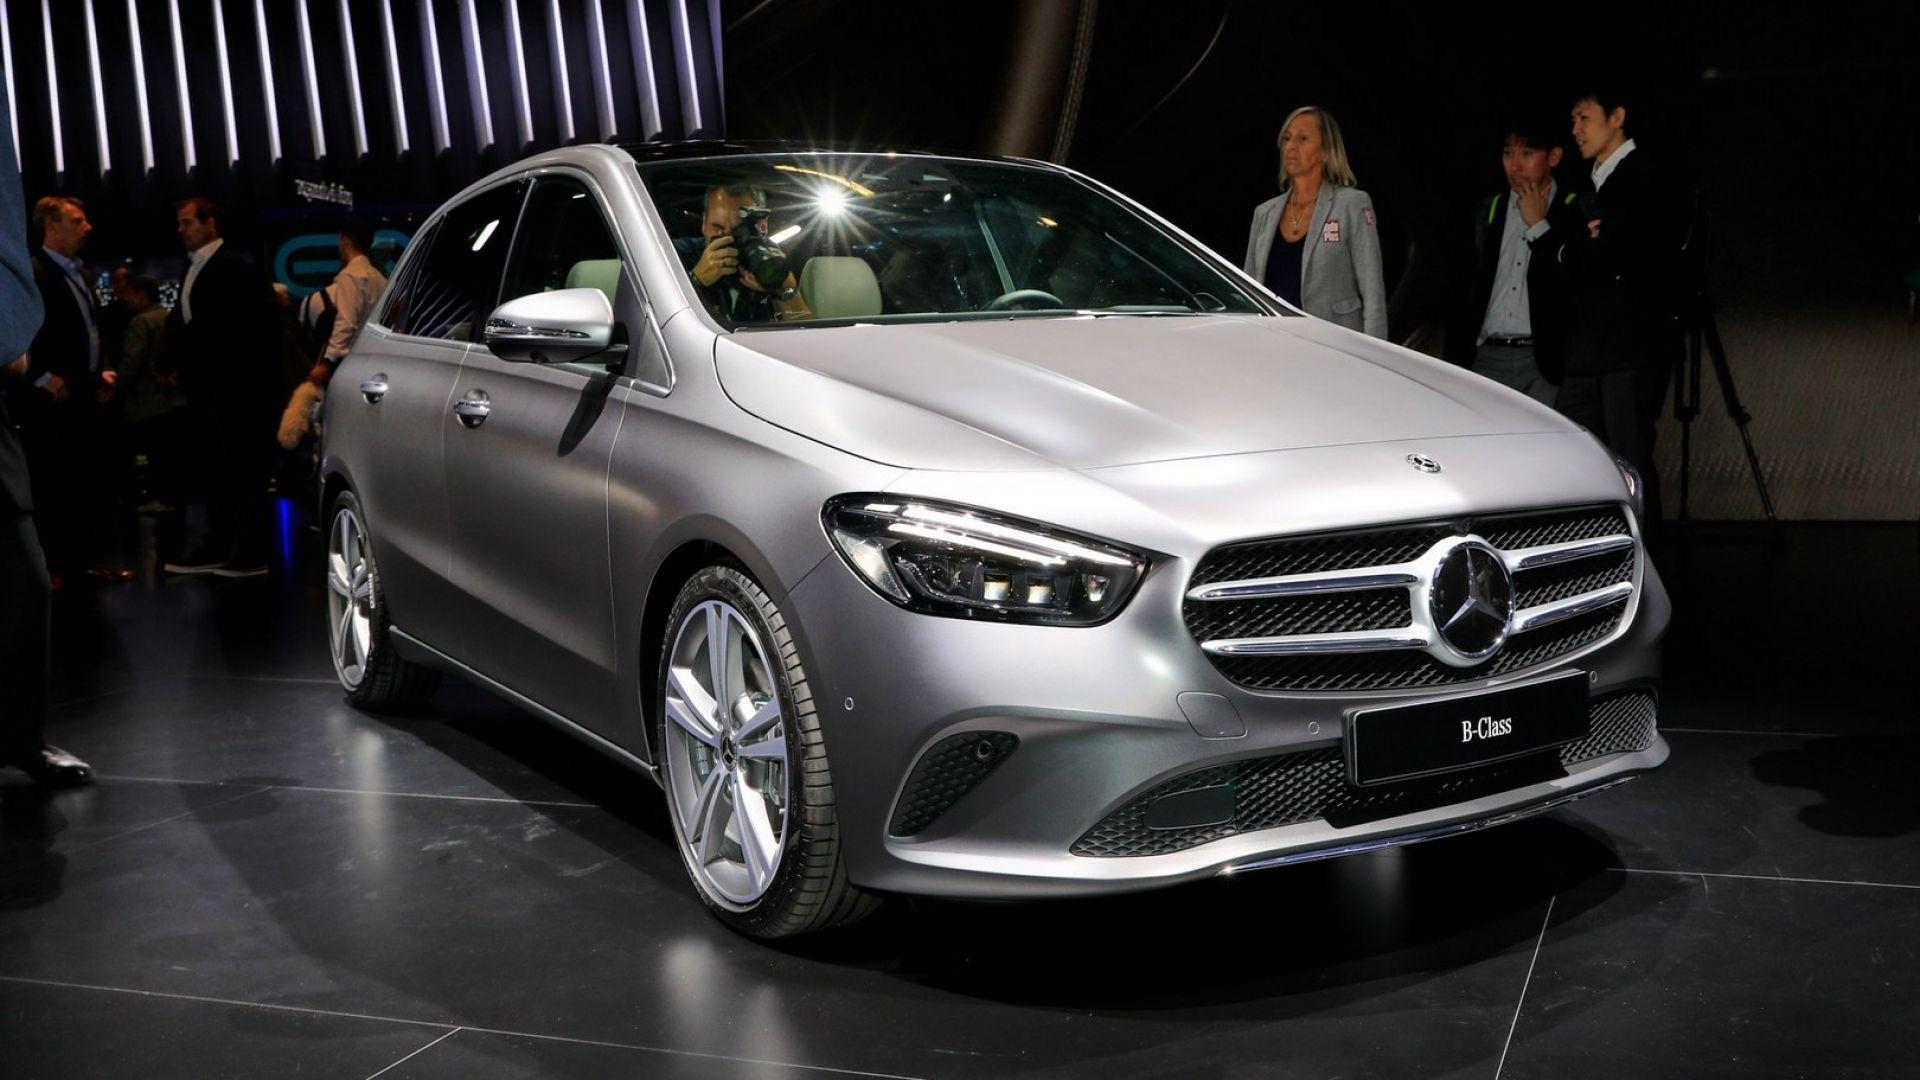 Mercedes Classe B 2019 Foto Motori Interni Prezzi